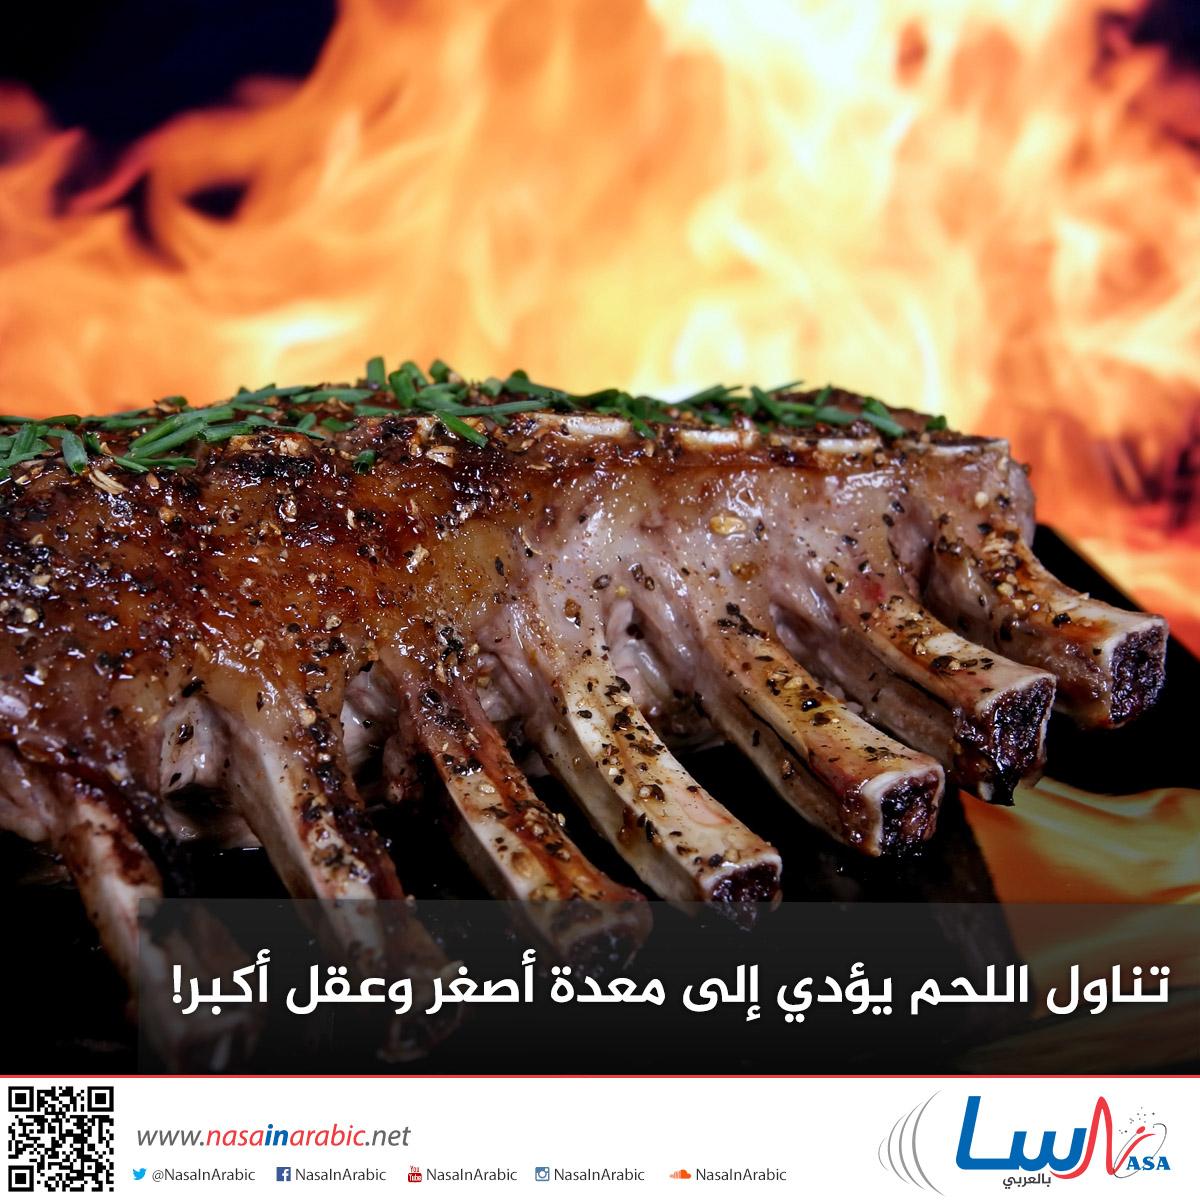 تناول اللحم يؤدي إلى معدة أصغر وعقل أكبر!